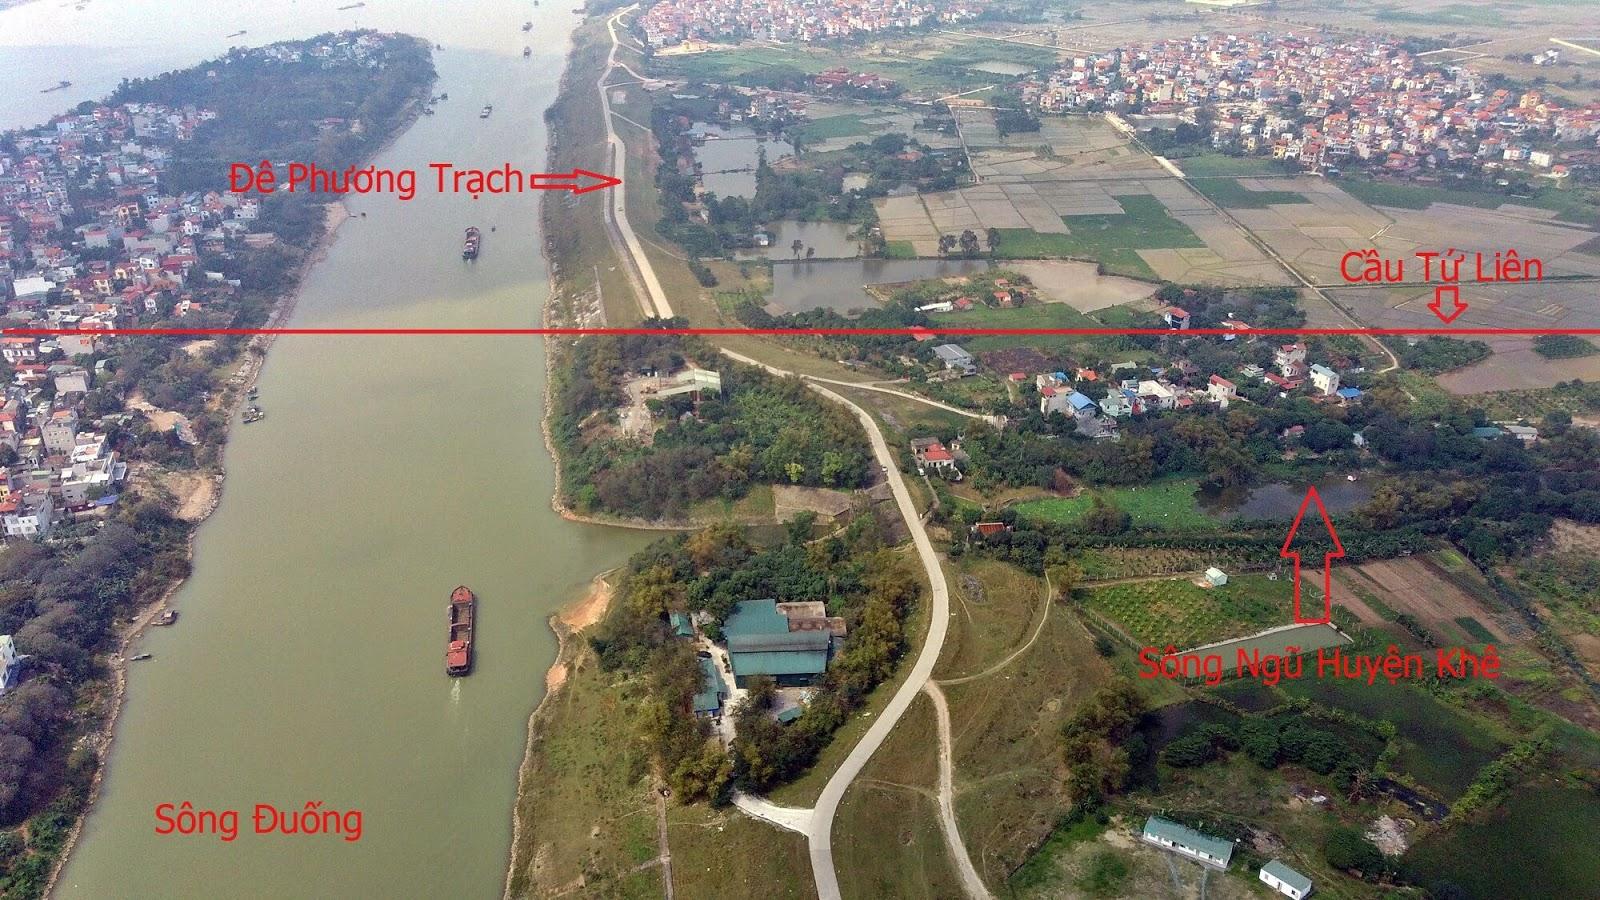 Cầu chạy song song với sông Ngũ Huyện Khê cắt ngang qua sông Đuống và sông Hồng.